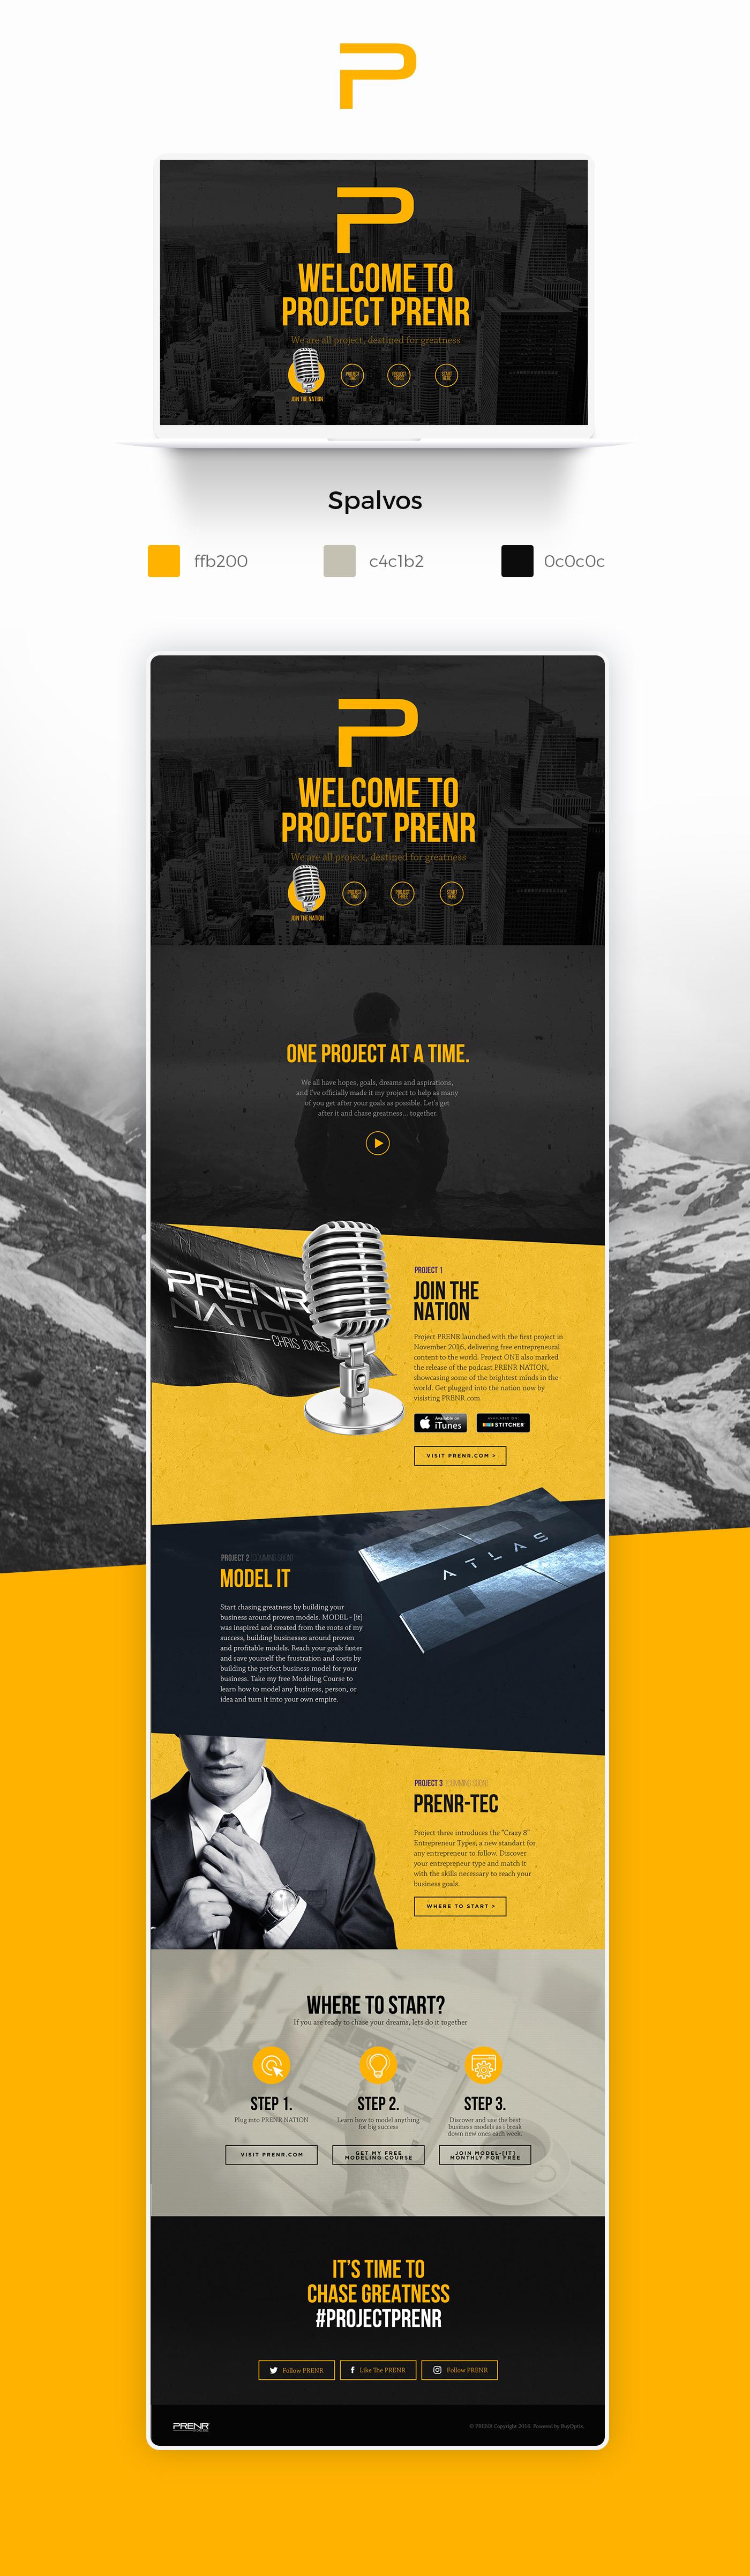 Skeitmeninis-marketingas-ir-grafinis-dizainas-klaipedoje-prenr-web-svetaines-web-dizainas